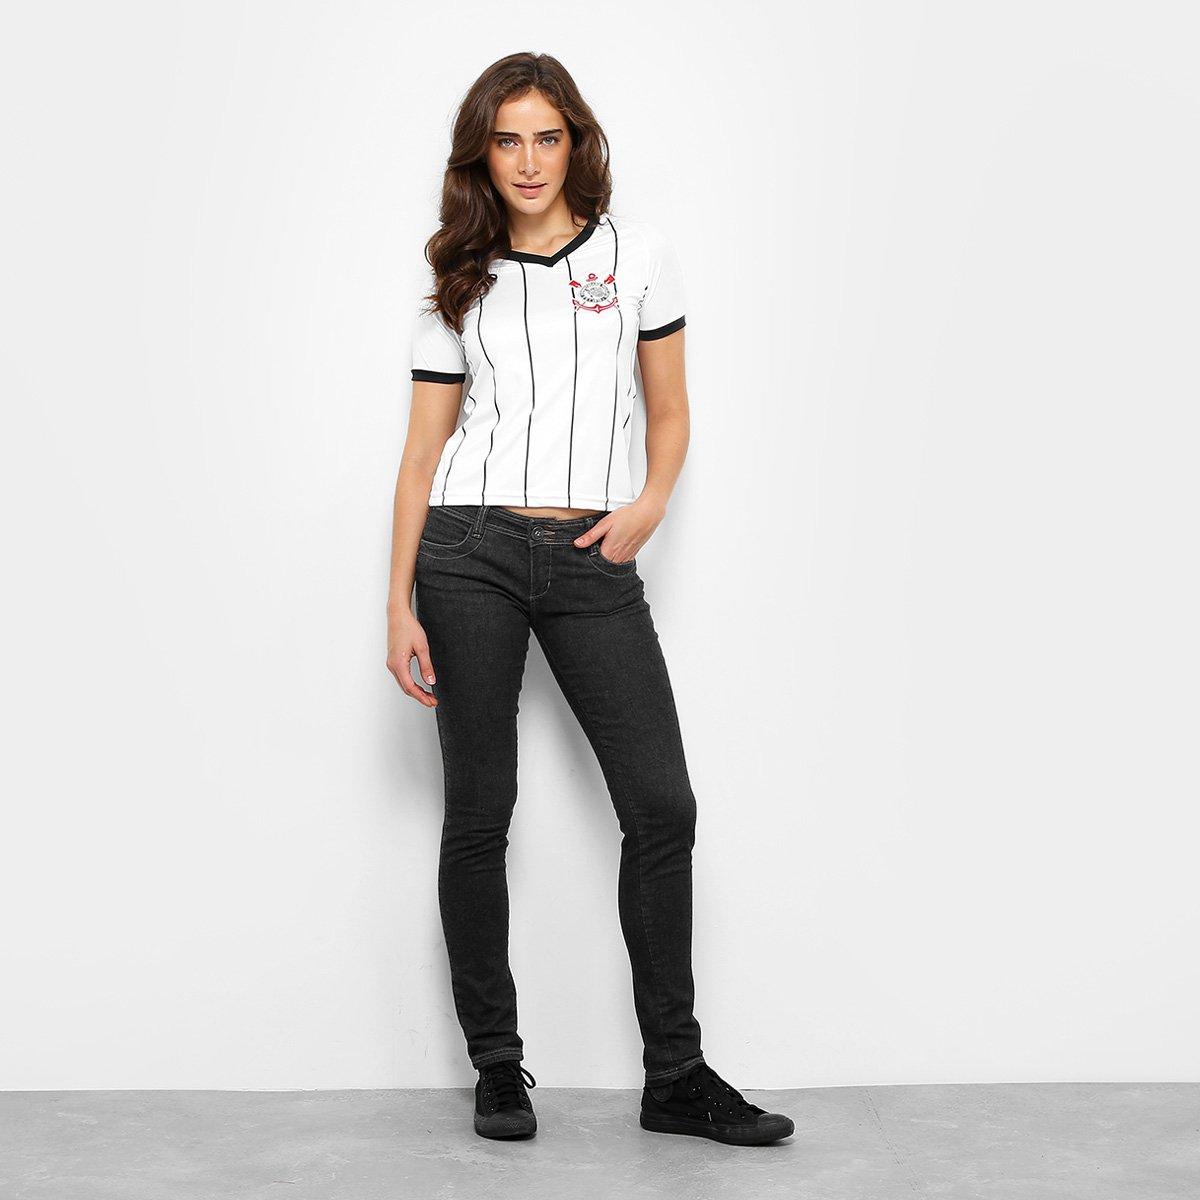 fd181b8923 Camisa Corinthians Fenomenal Edição Especial Feminina - Branco ...